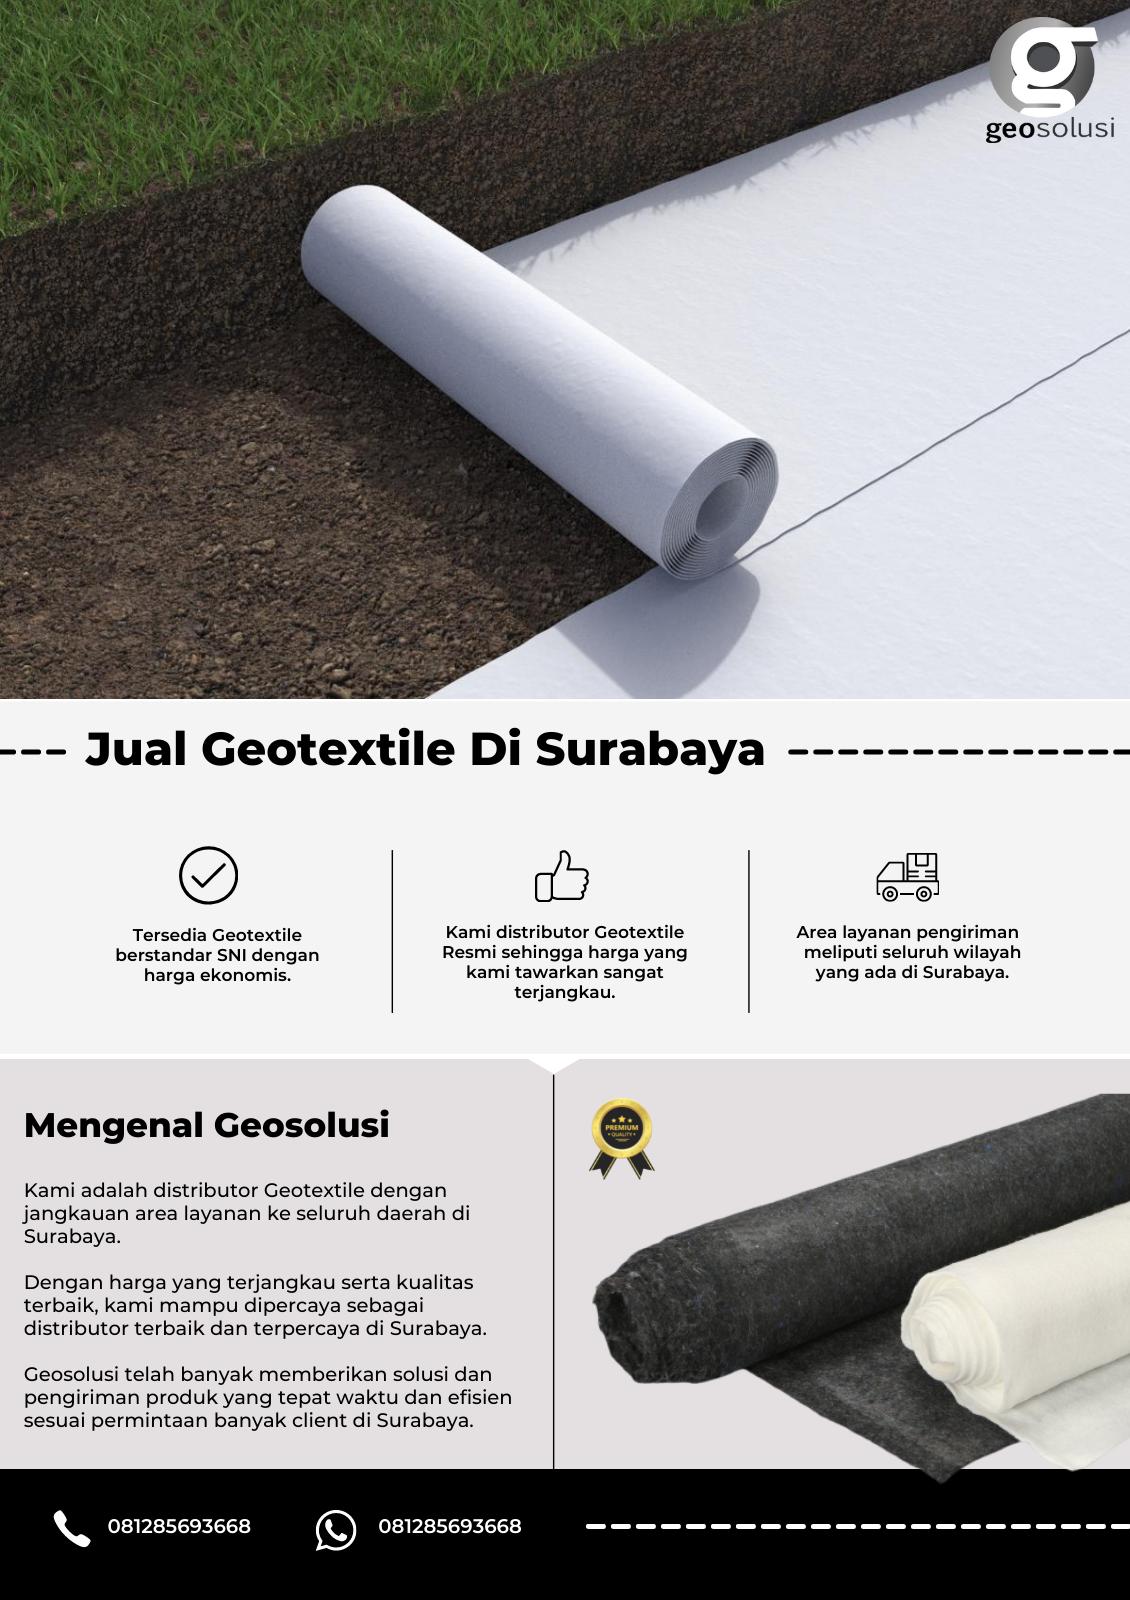 Jual Geotextile Di Surabaya.